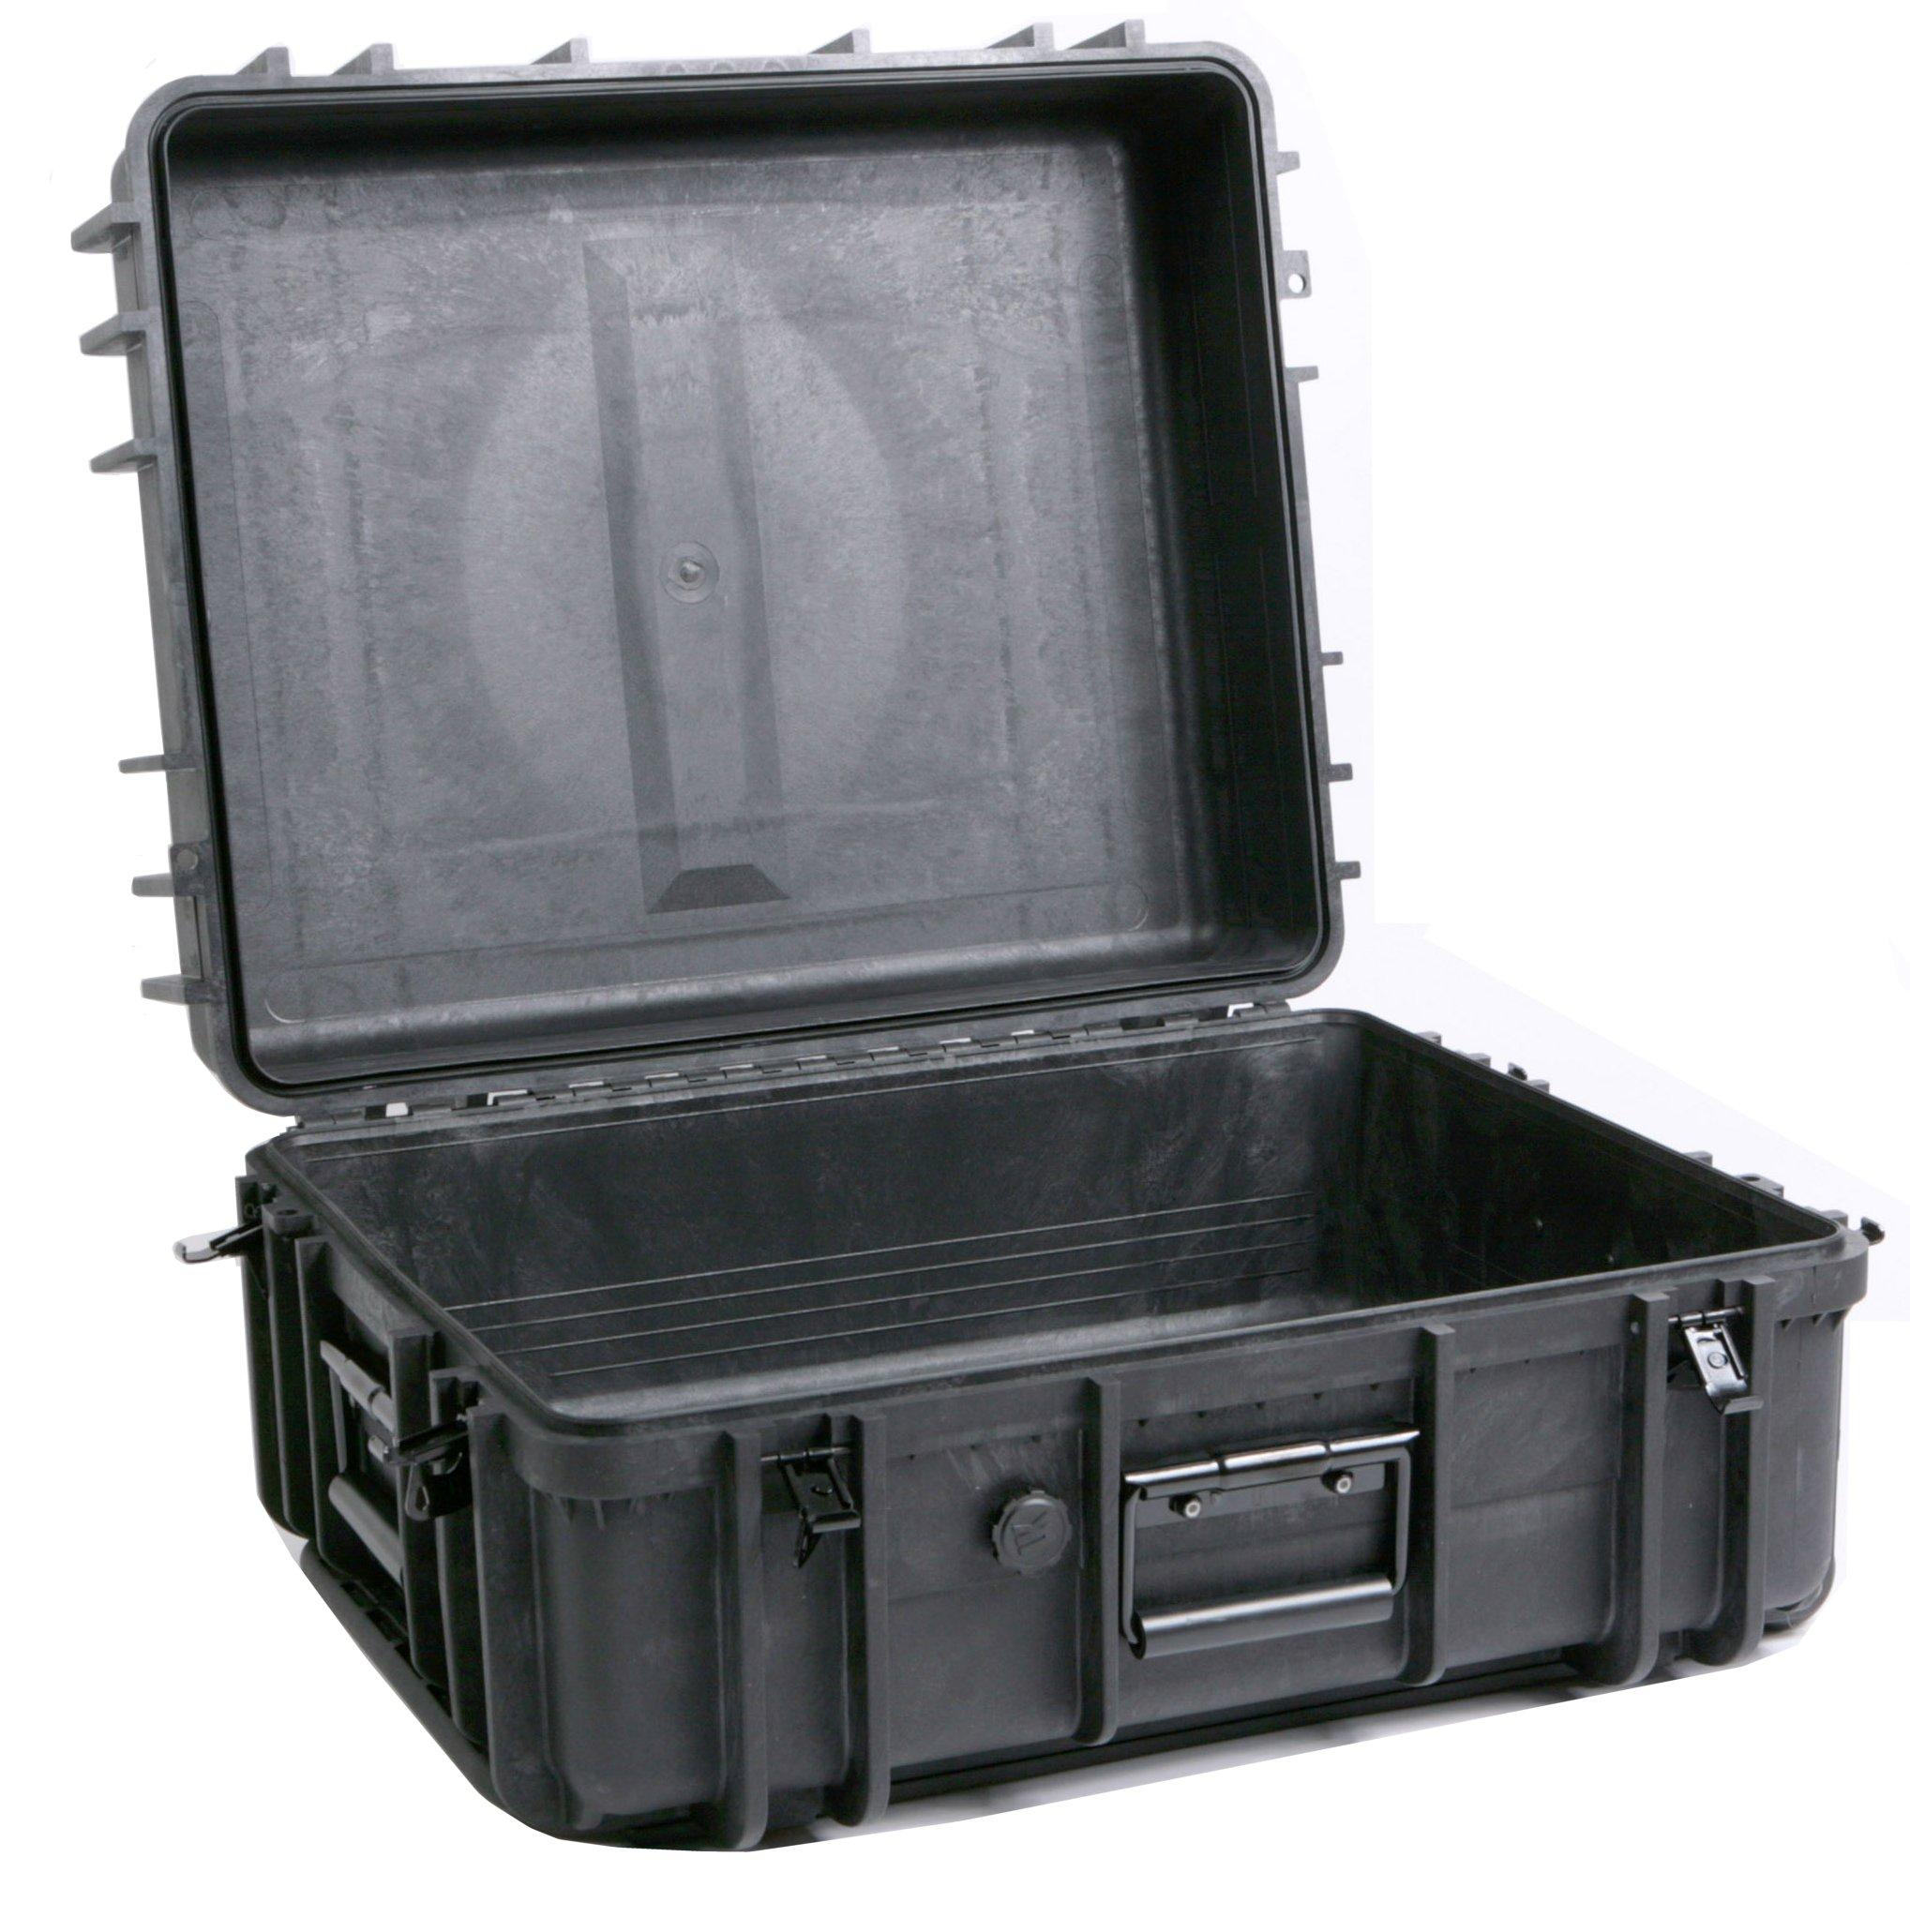 CC1022UK Case